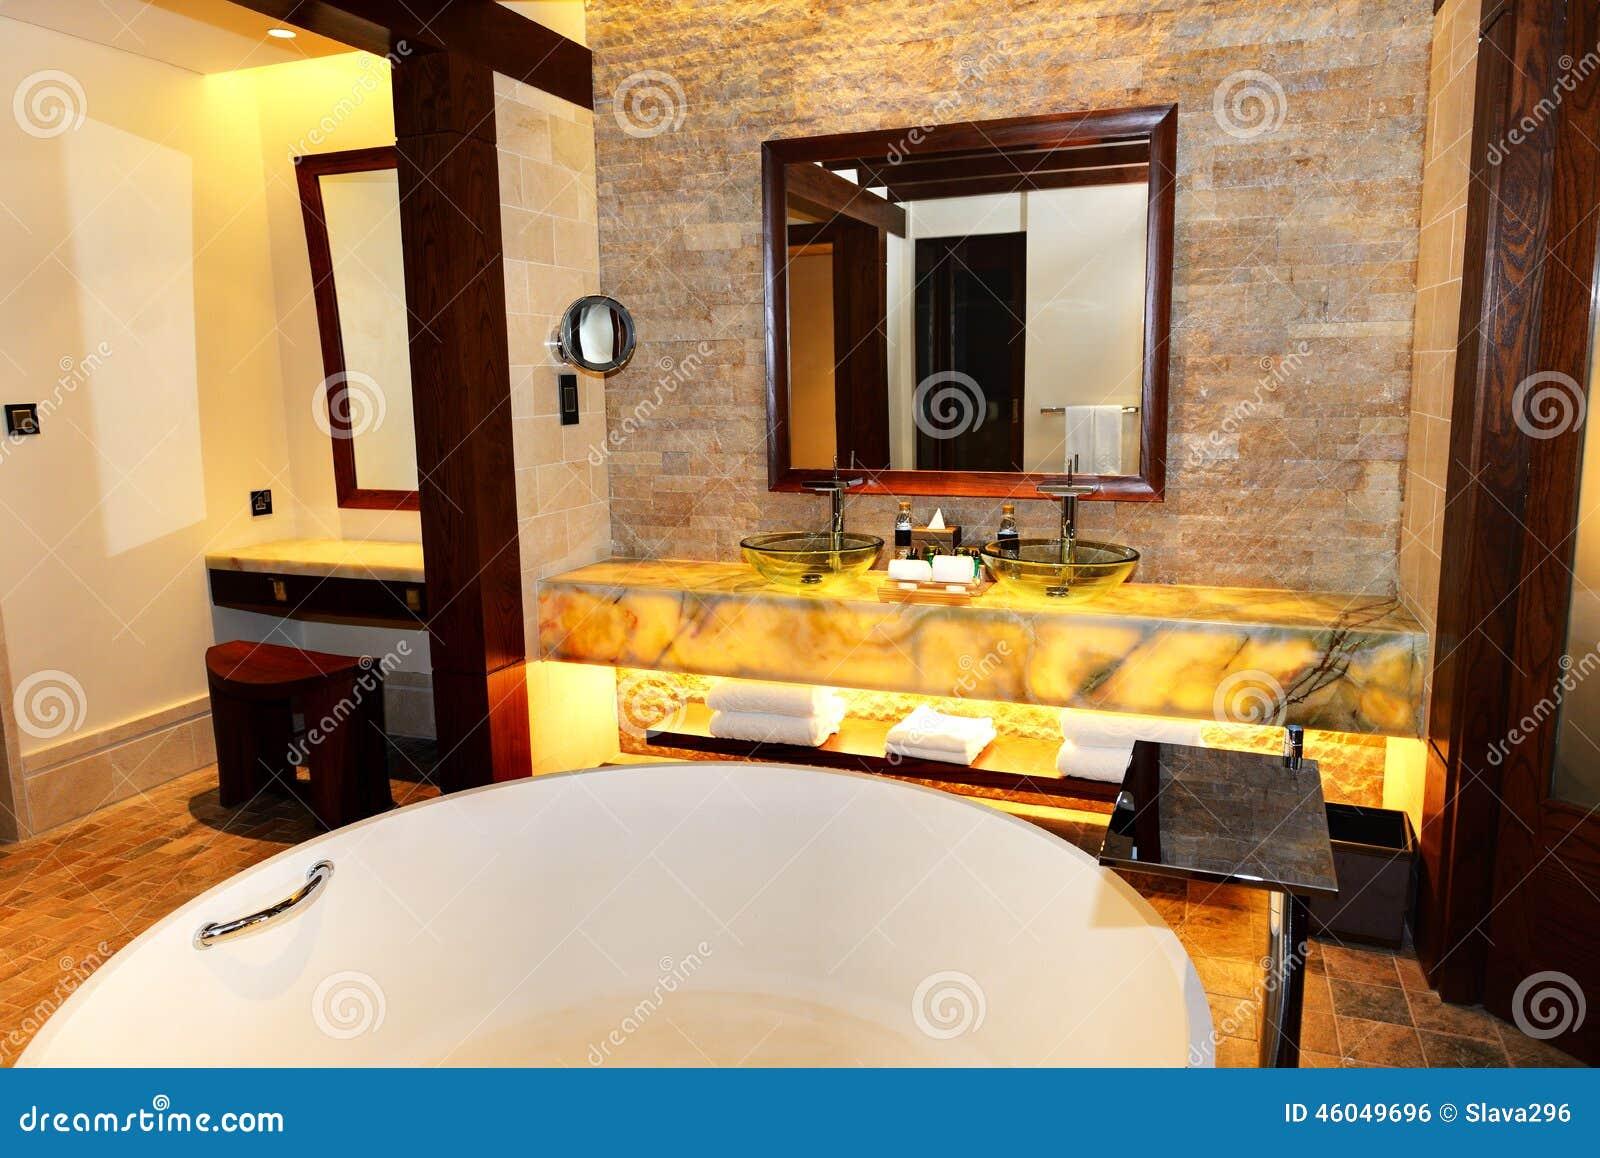 Cuarto de ba o en el hotel de lujo moderno foto de archivo for Hoteles de lujo modernos